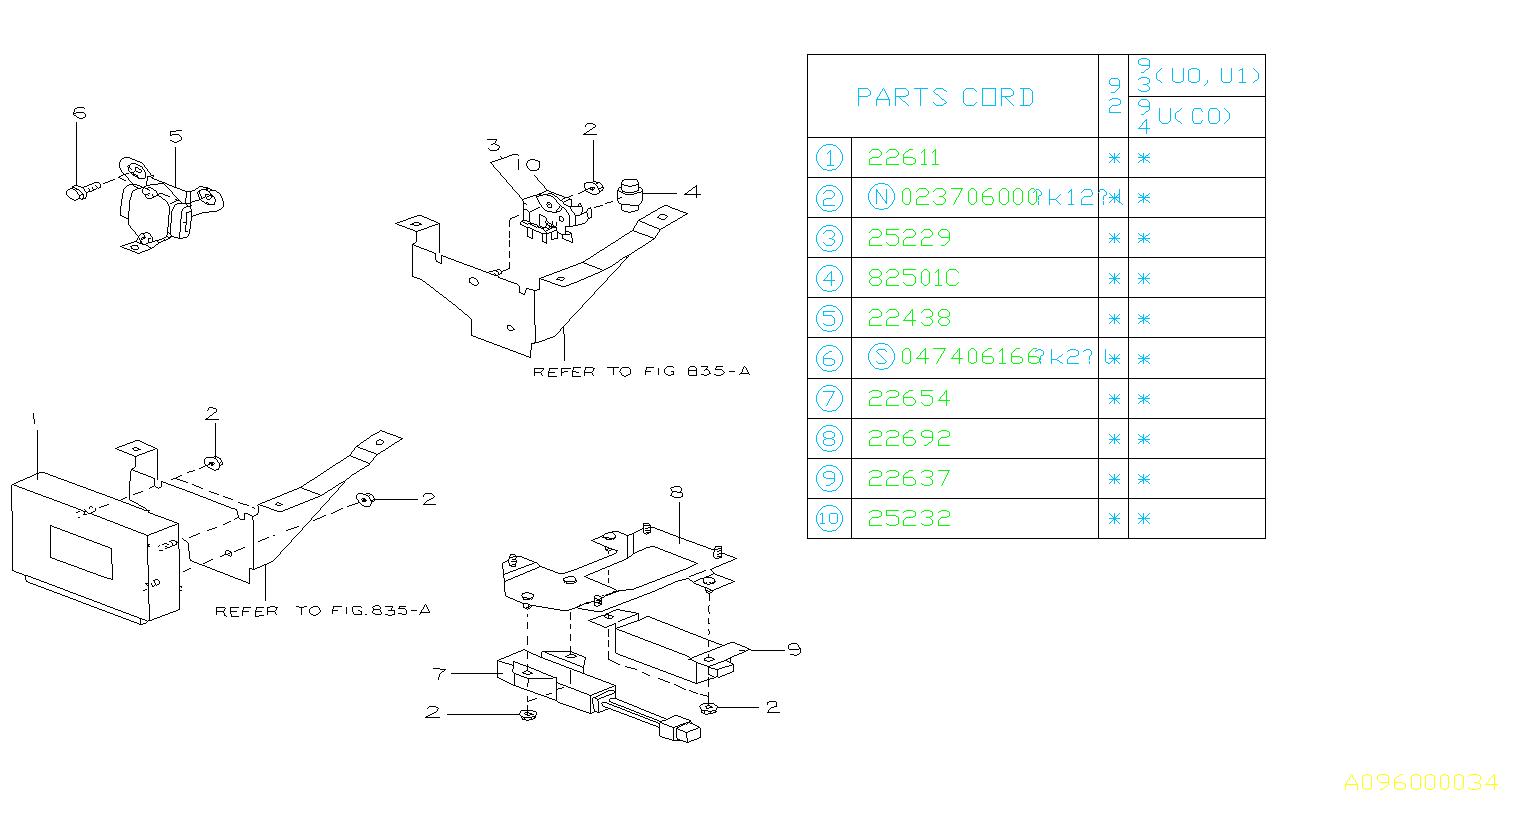 Subaru Svx Fuel Pump Relay  1x  1y  For Ignition  Engine